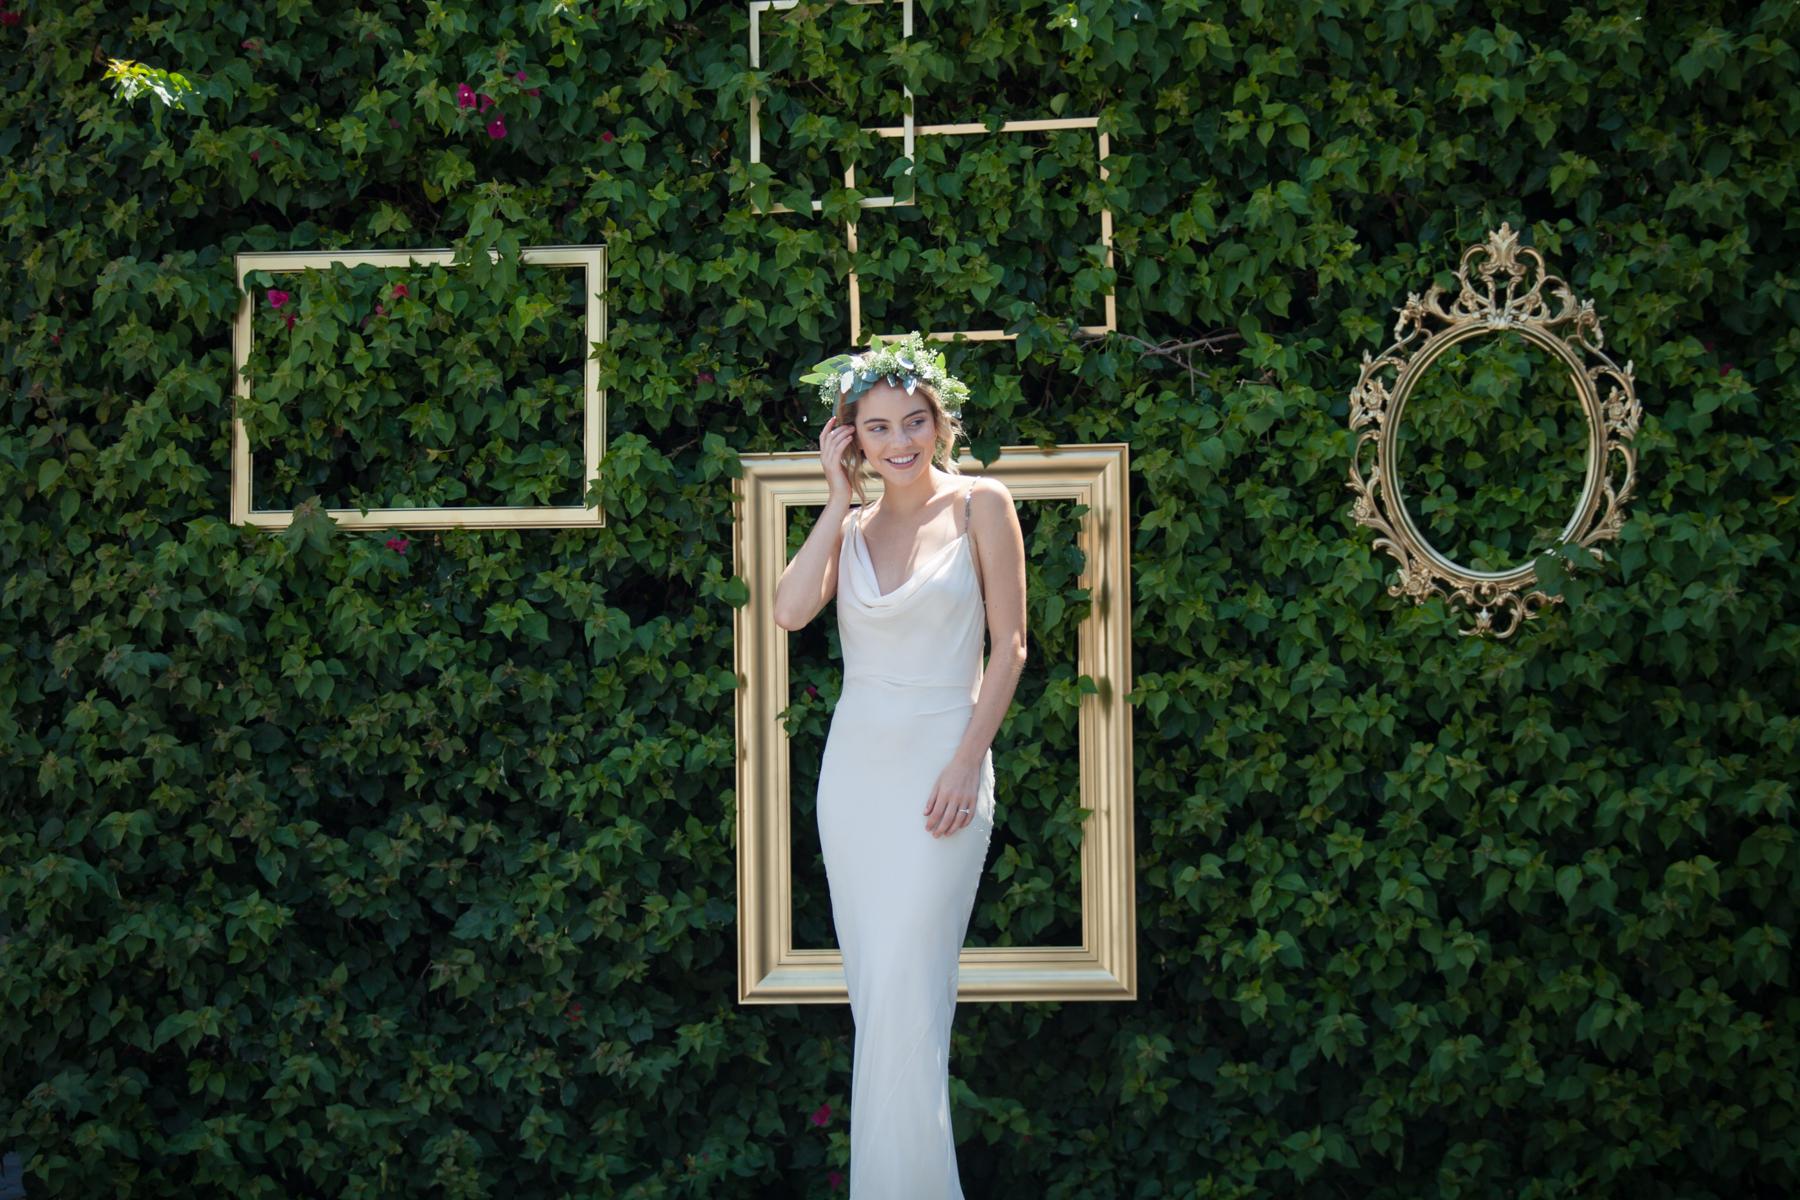 Frame Set - Gold frame set adorned on garden Hedge$50